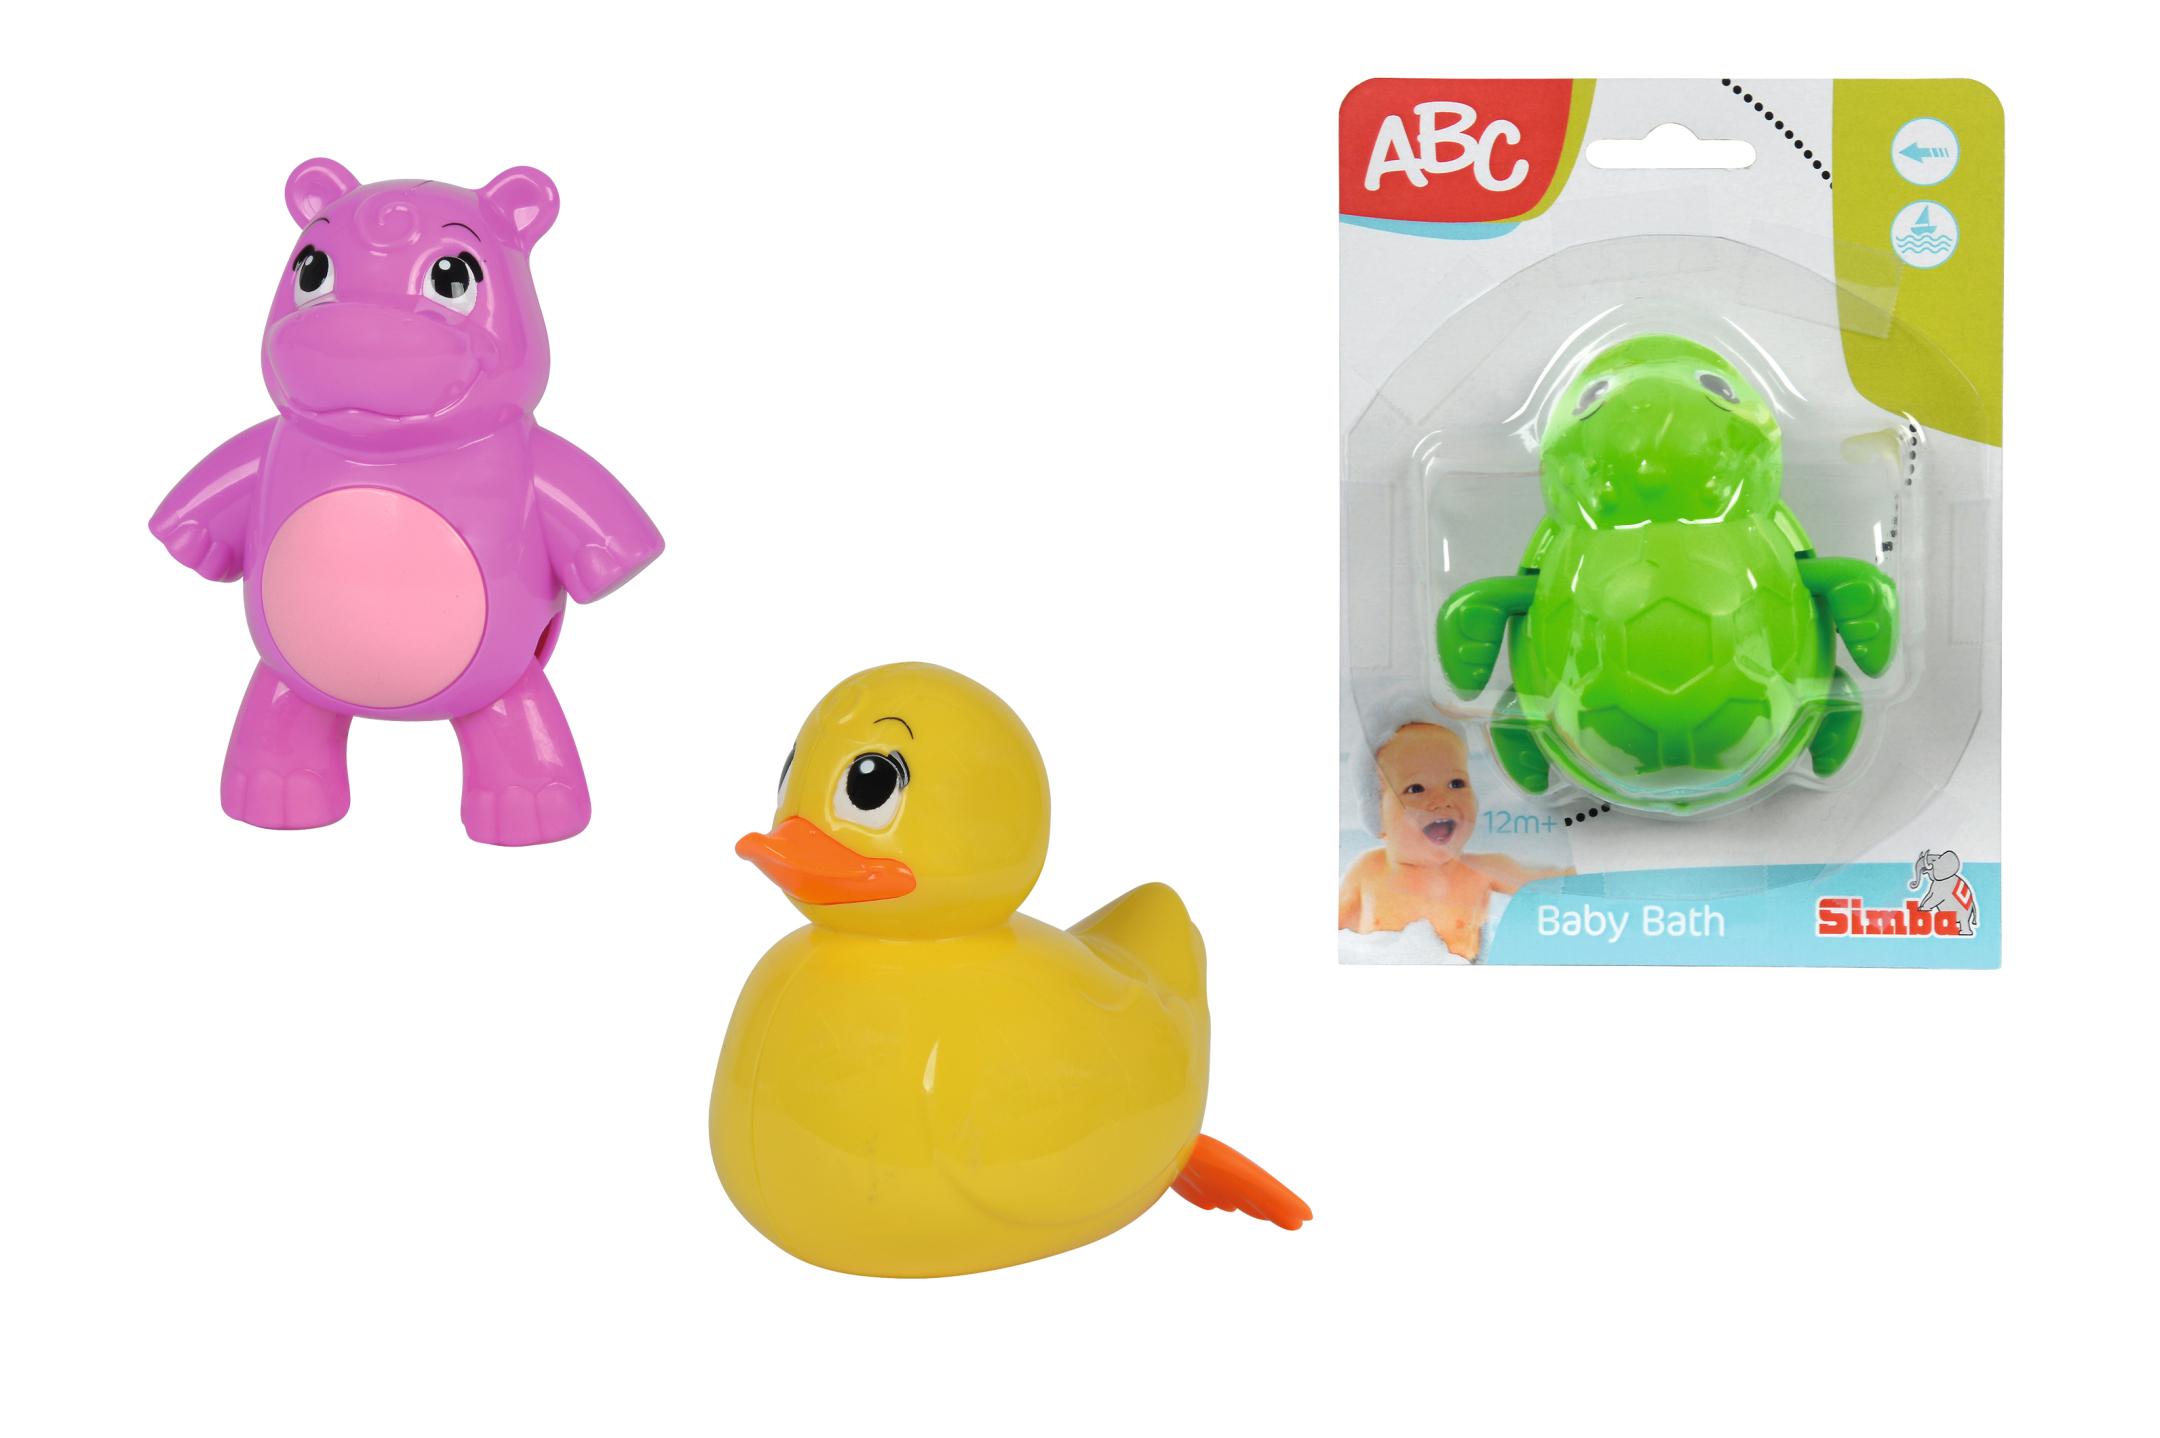 ABC Schwimmtiere 3fs.